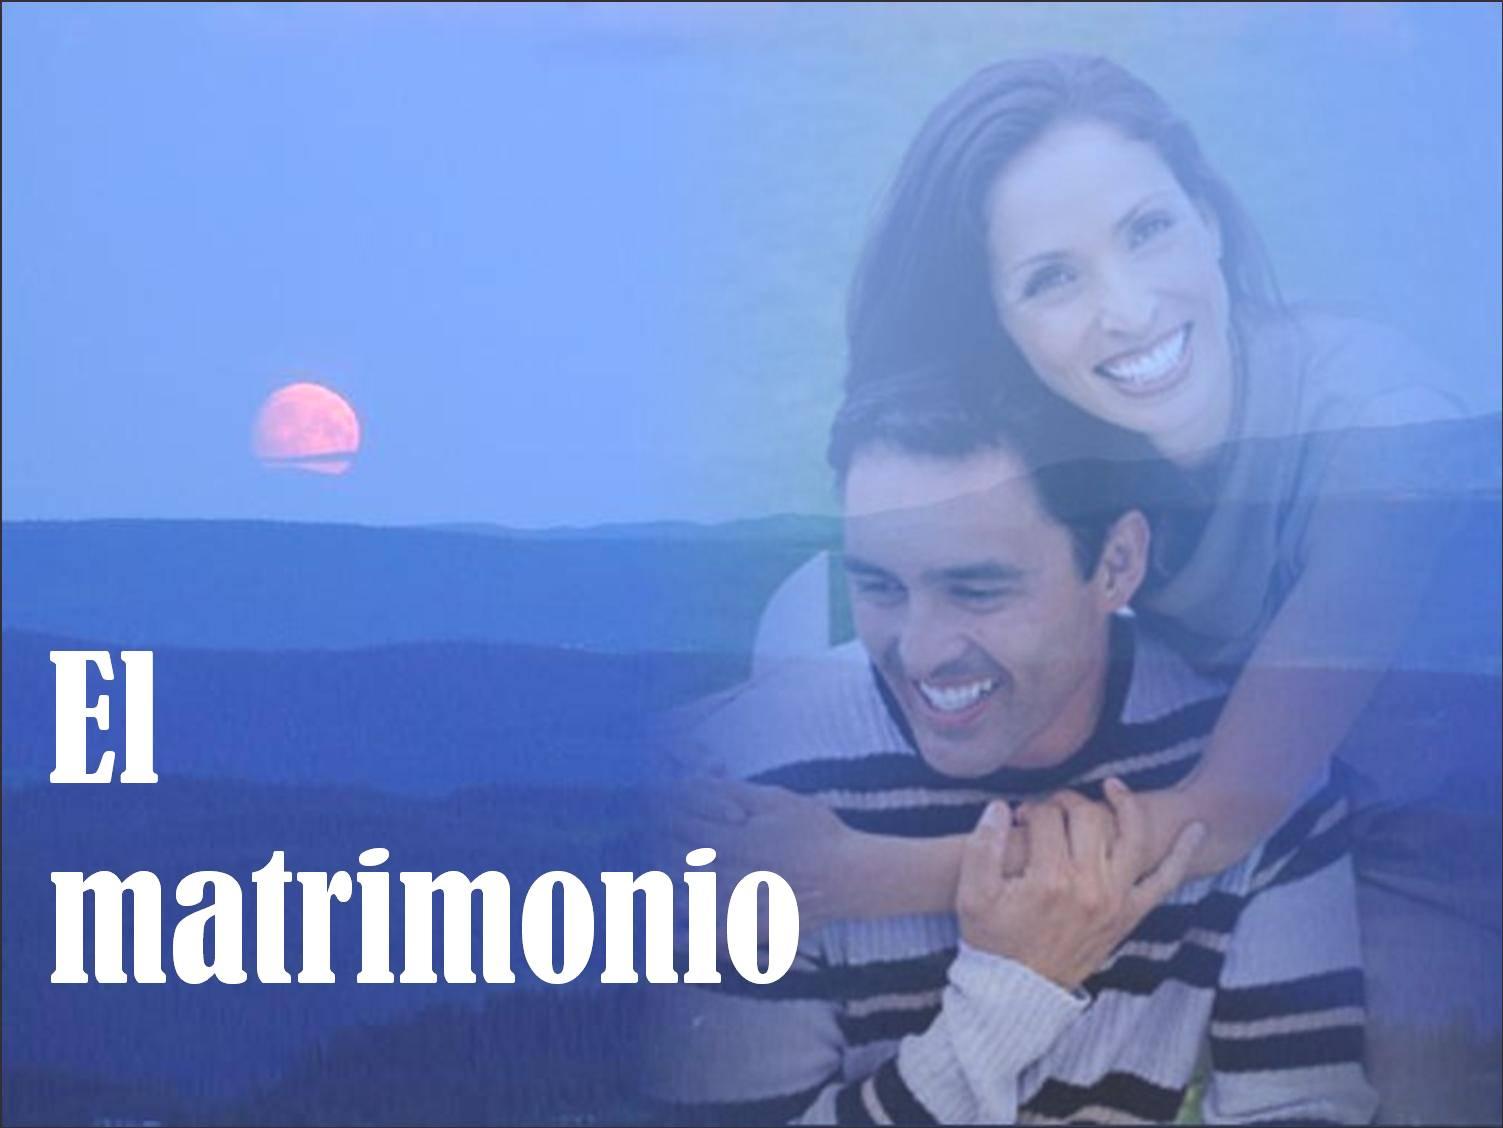 Matrimonio Que Es El : El matrimonio « vitanoble powerpoints